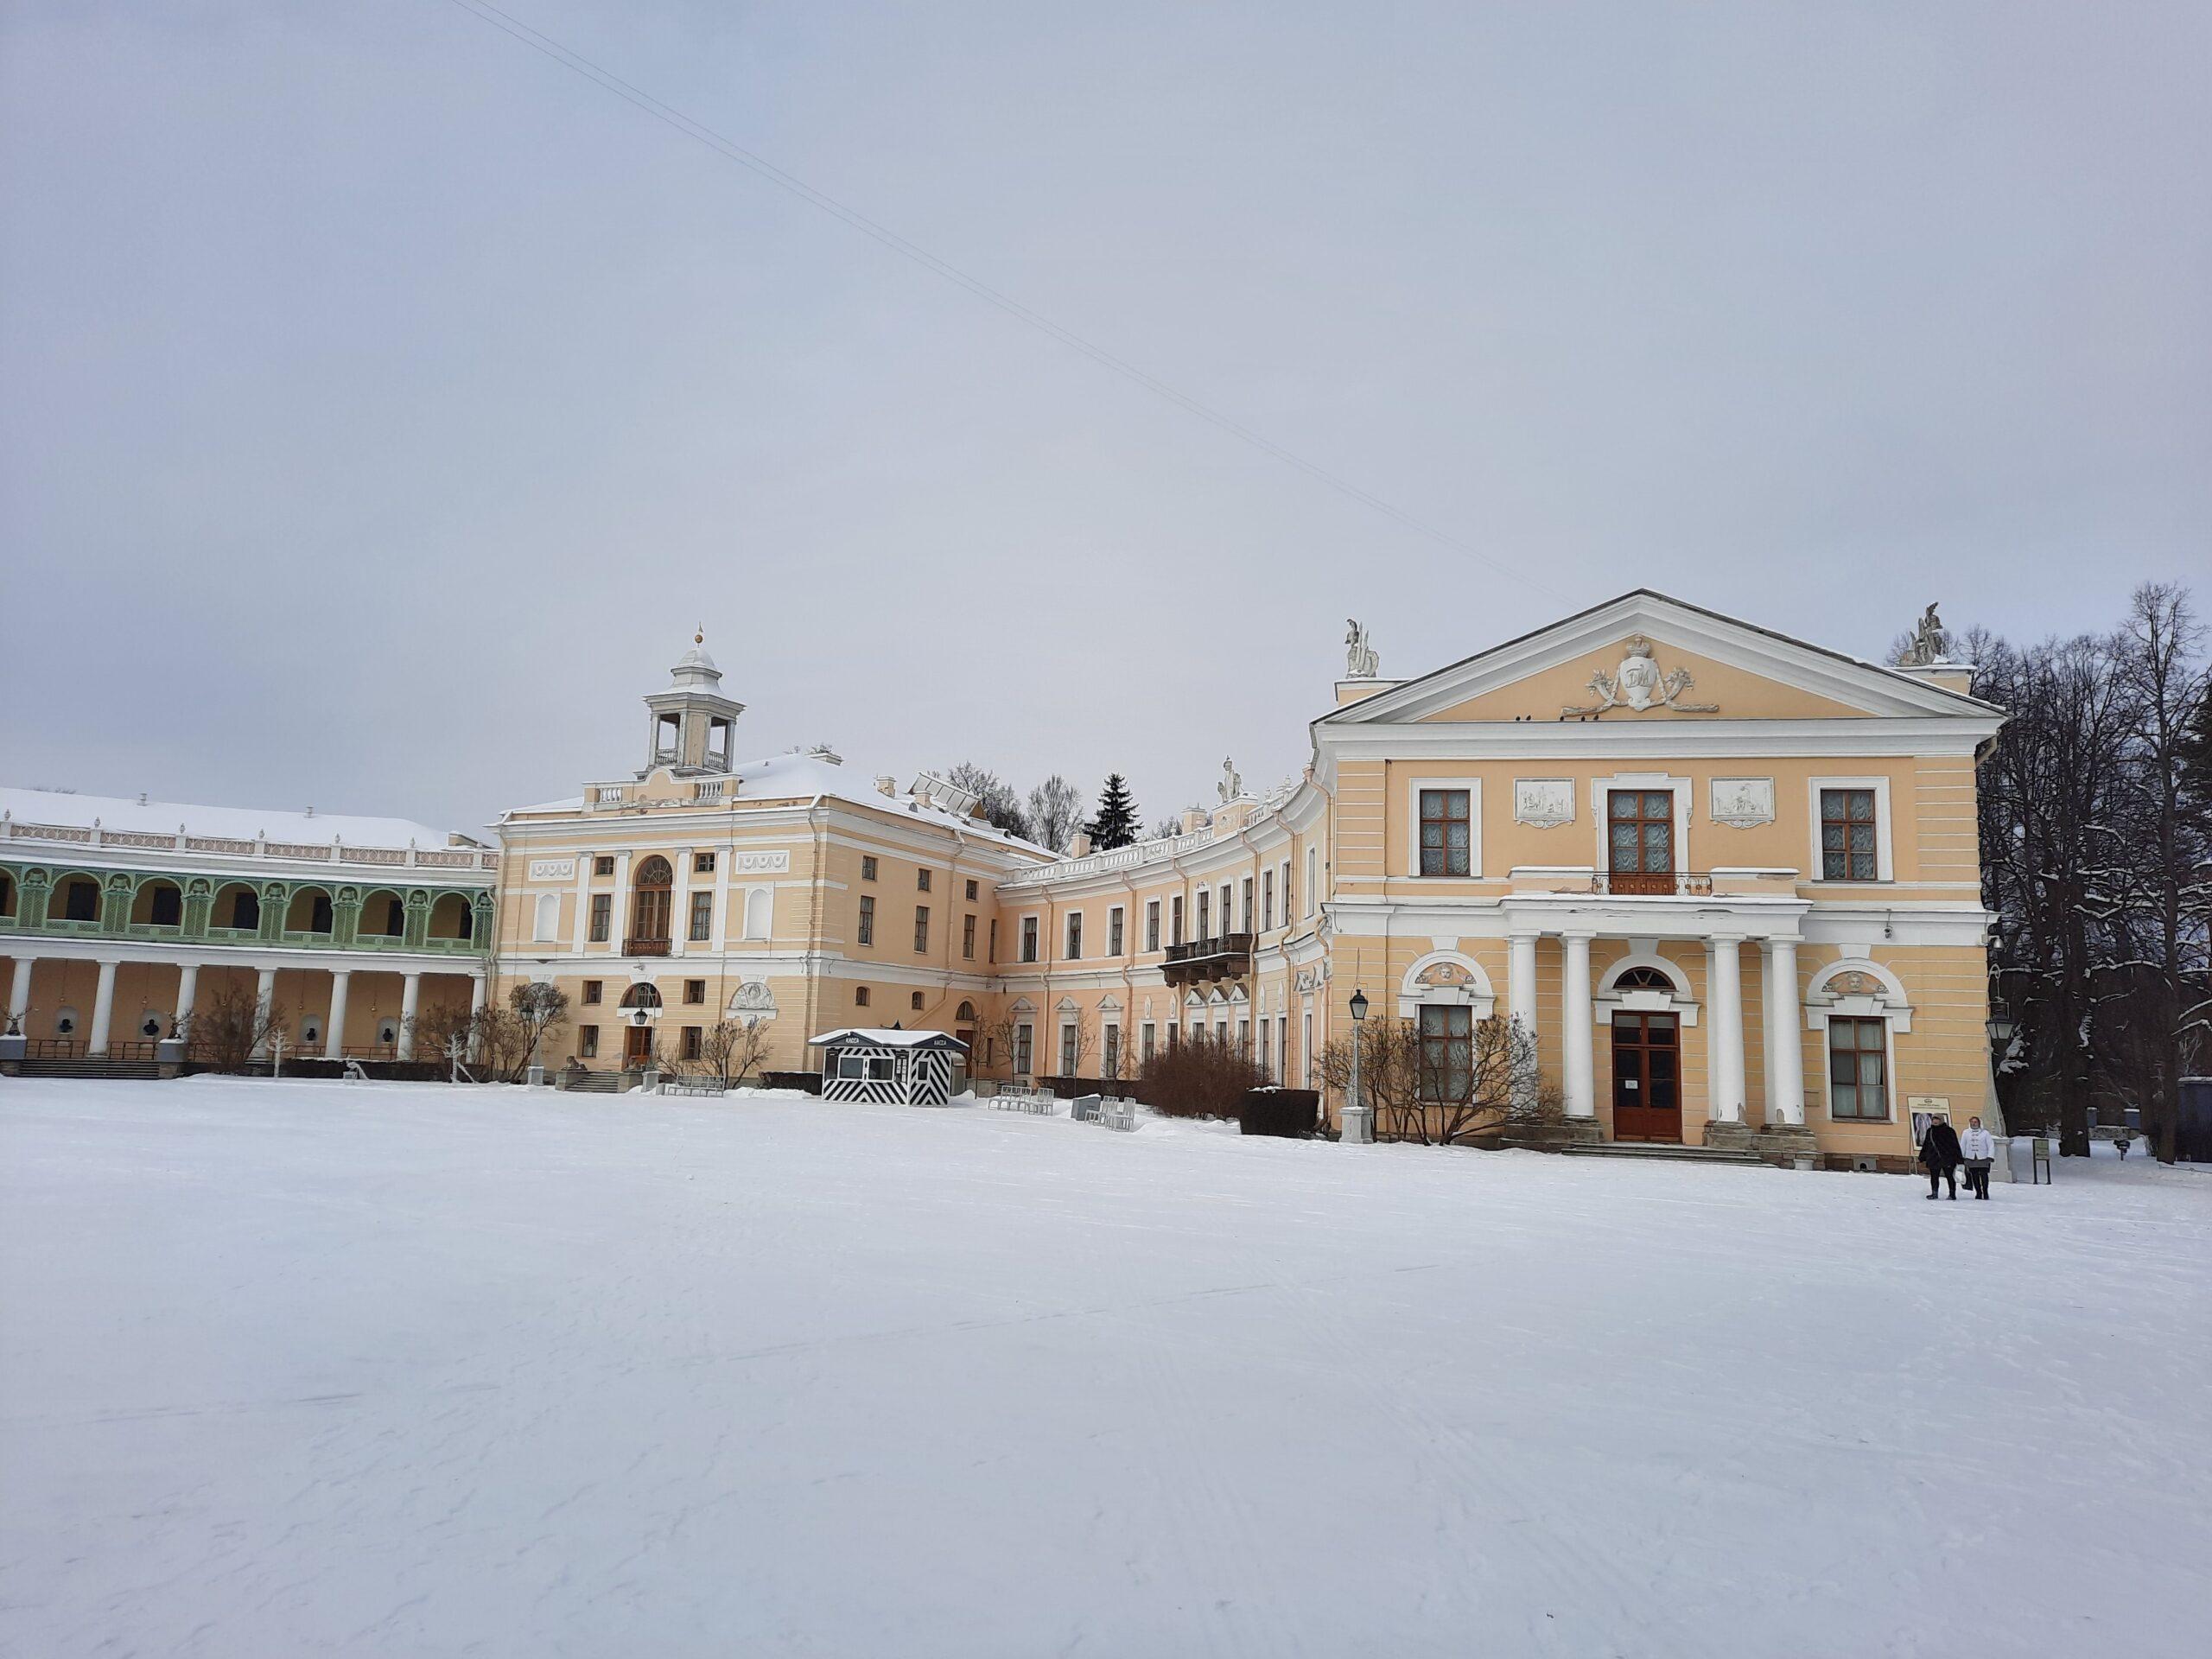 20210220 133558 scaled - Distrito de São Petersburgo